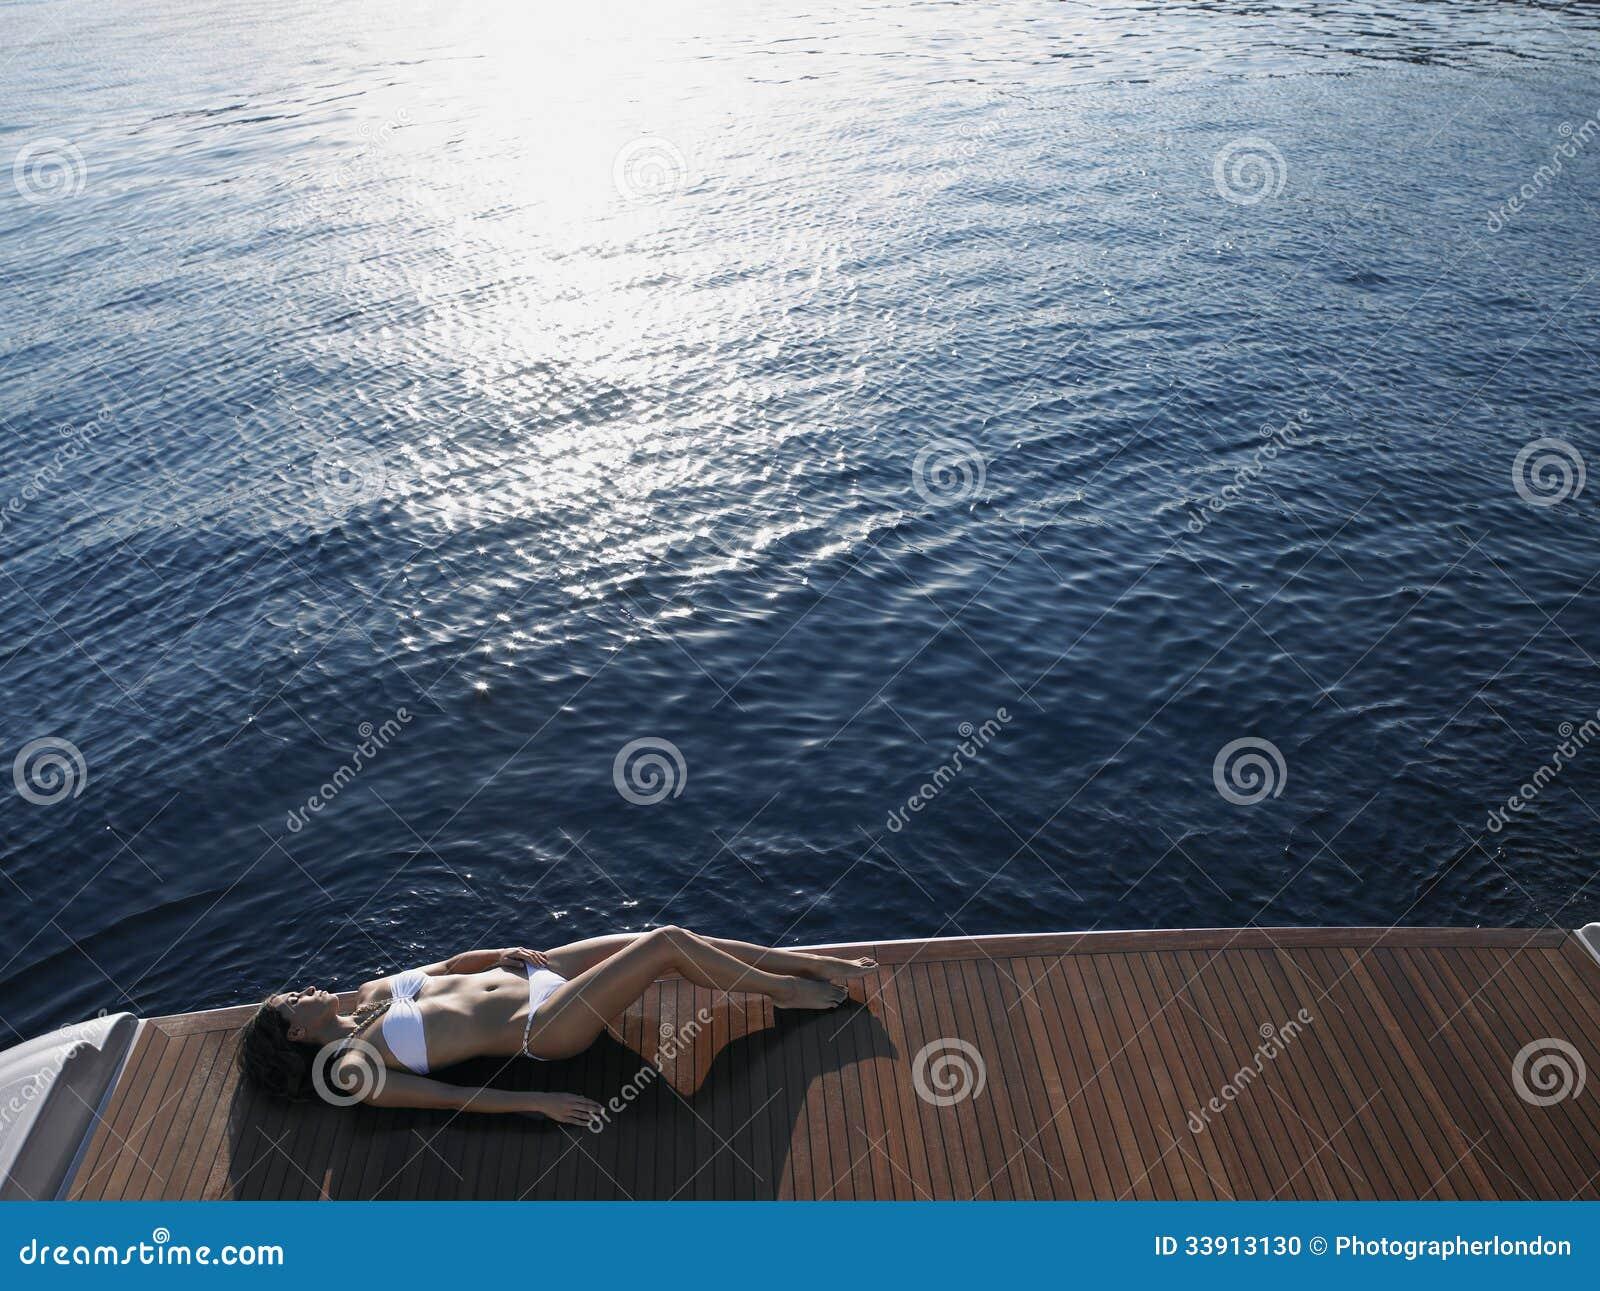 Fußboden Yacht ~ Frau die auf dem fußbodenbrett der yacht durch meer ein sonnenbad